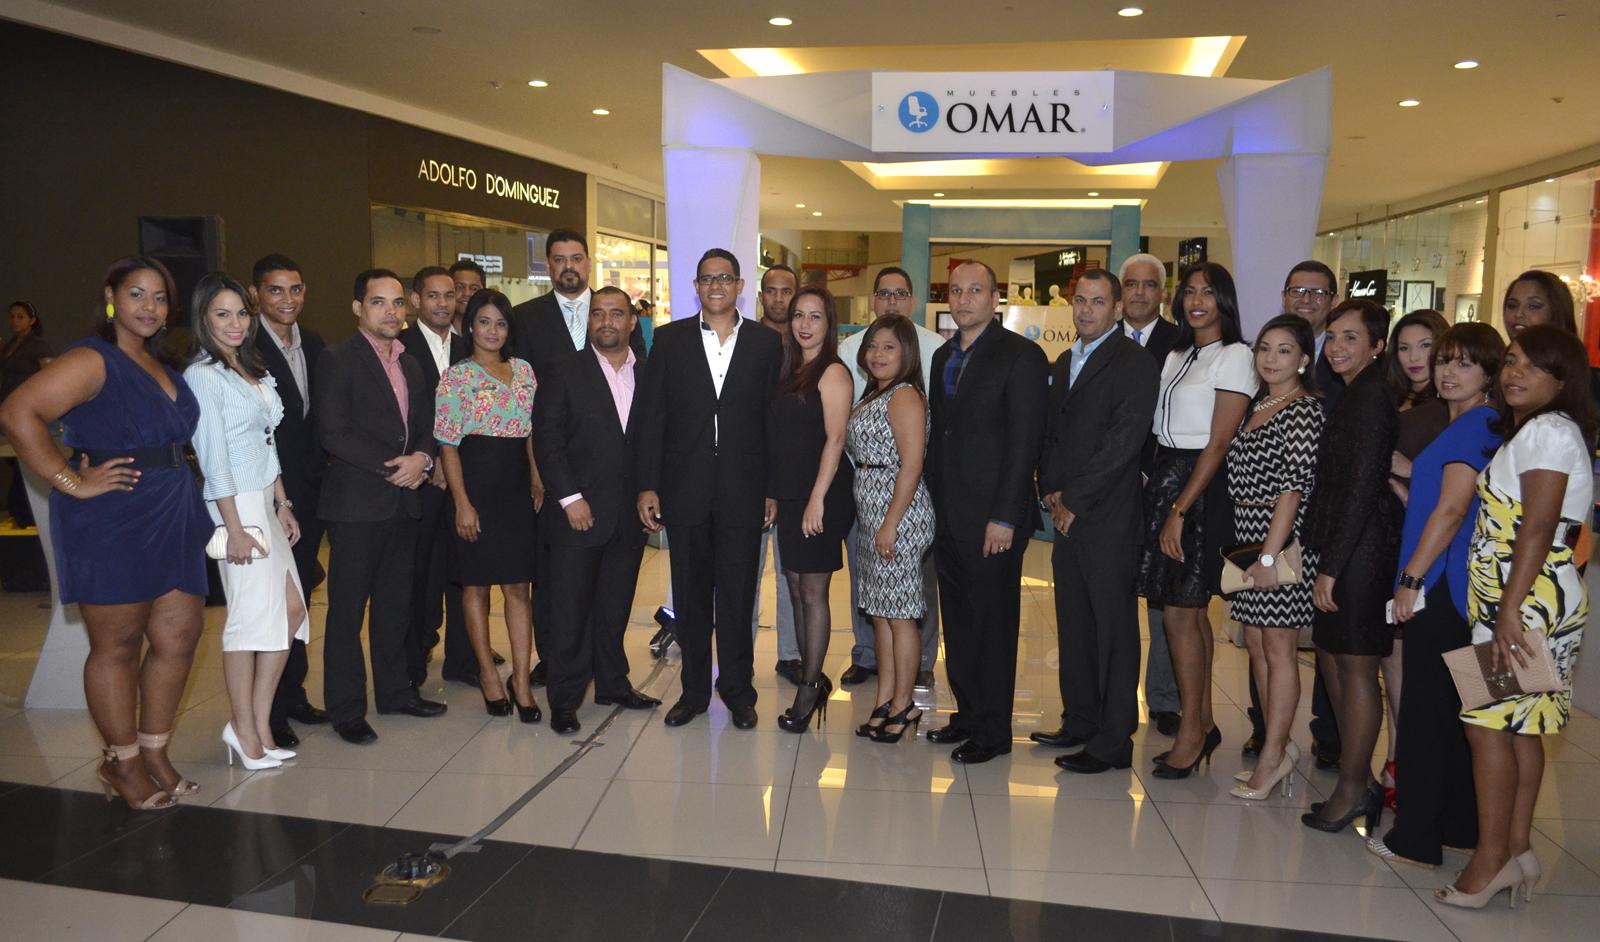 Las Sociales Y Espectaculos Junio 2015 # Muebles Omar Santo Domingo